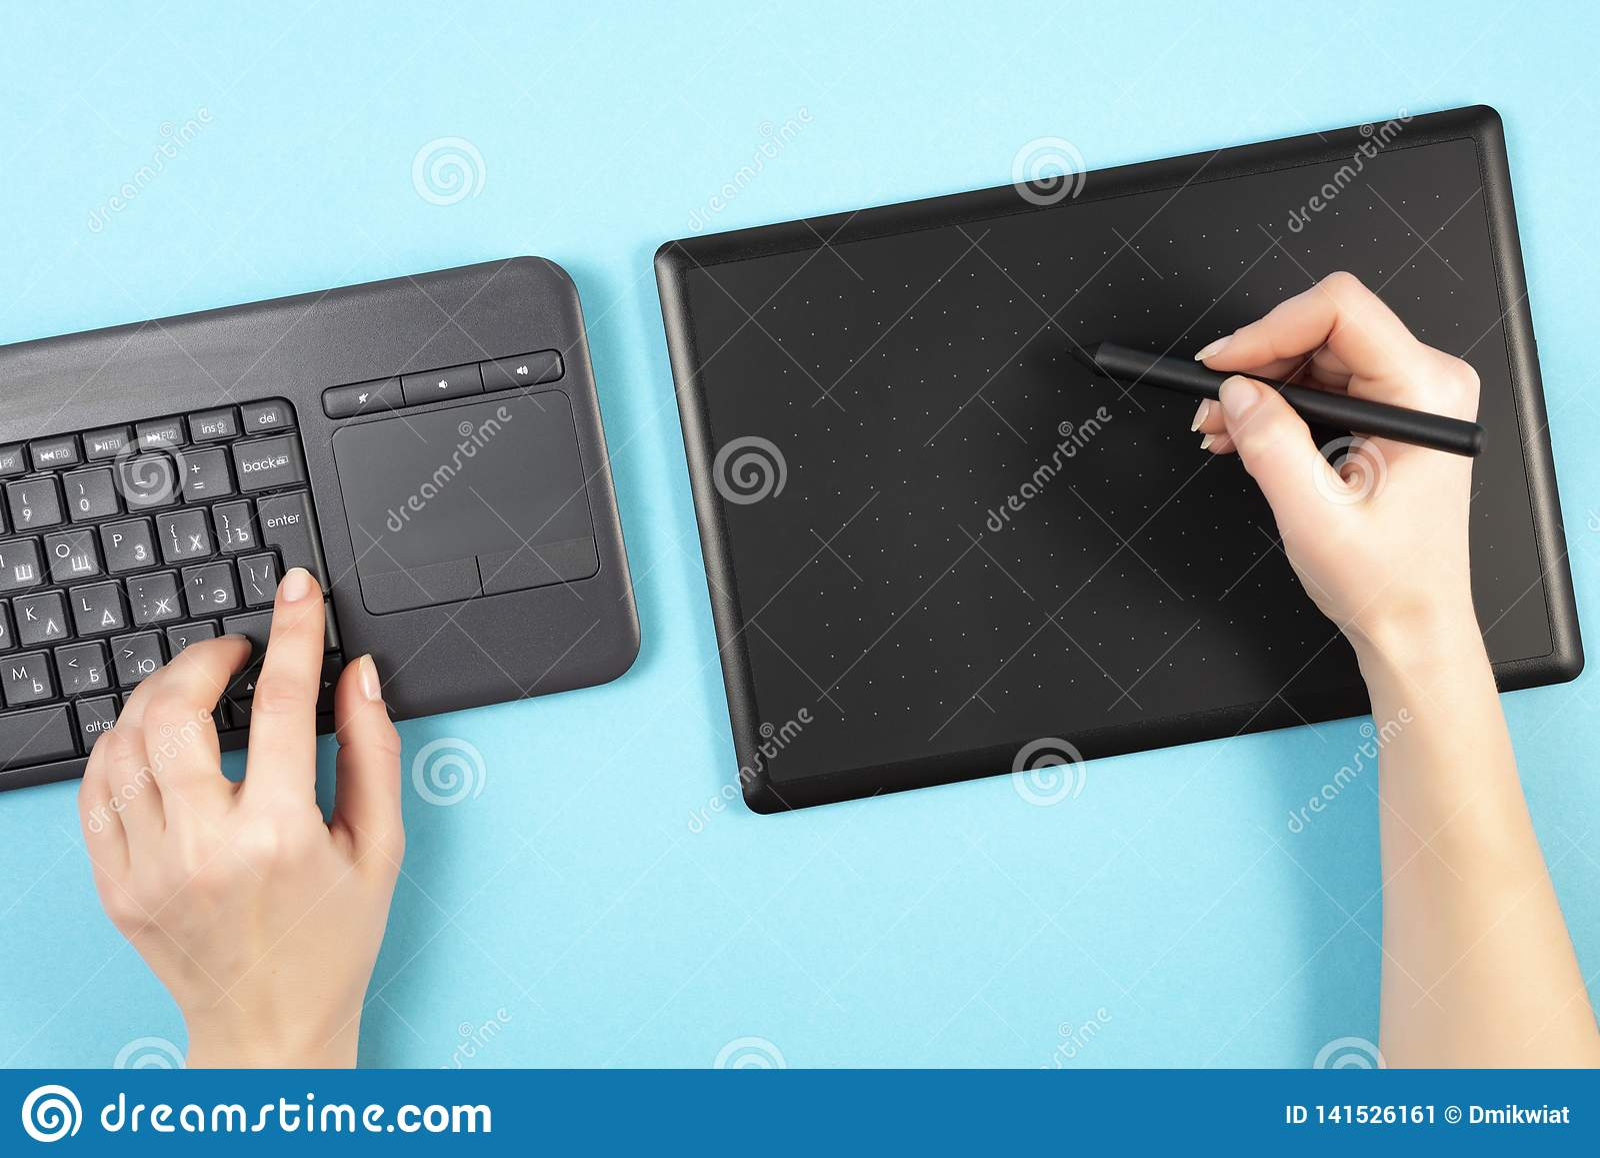 Ταμπλέτα και πληκτρολόγιο γραφικής παράστασης σε ένα μπλε υπόβαθρο Διάστημα για το κείμενο Πληκτρολόγιο